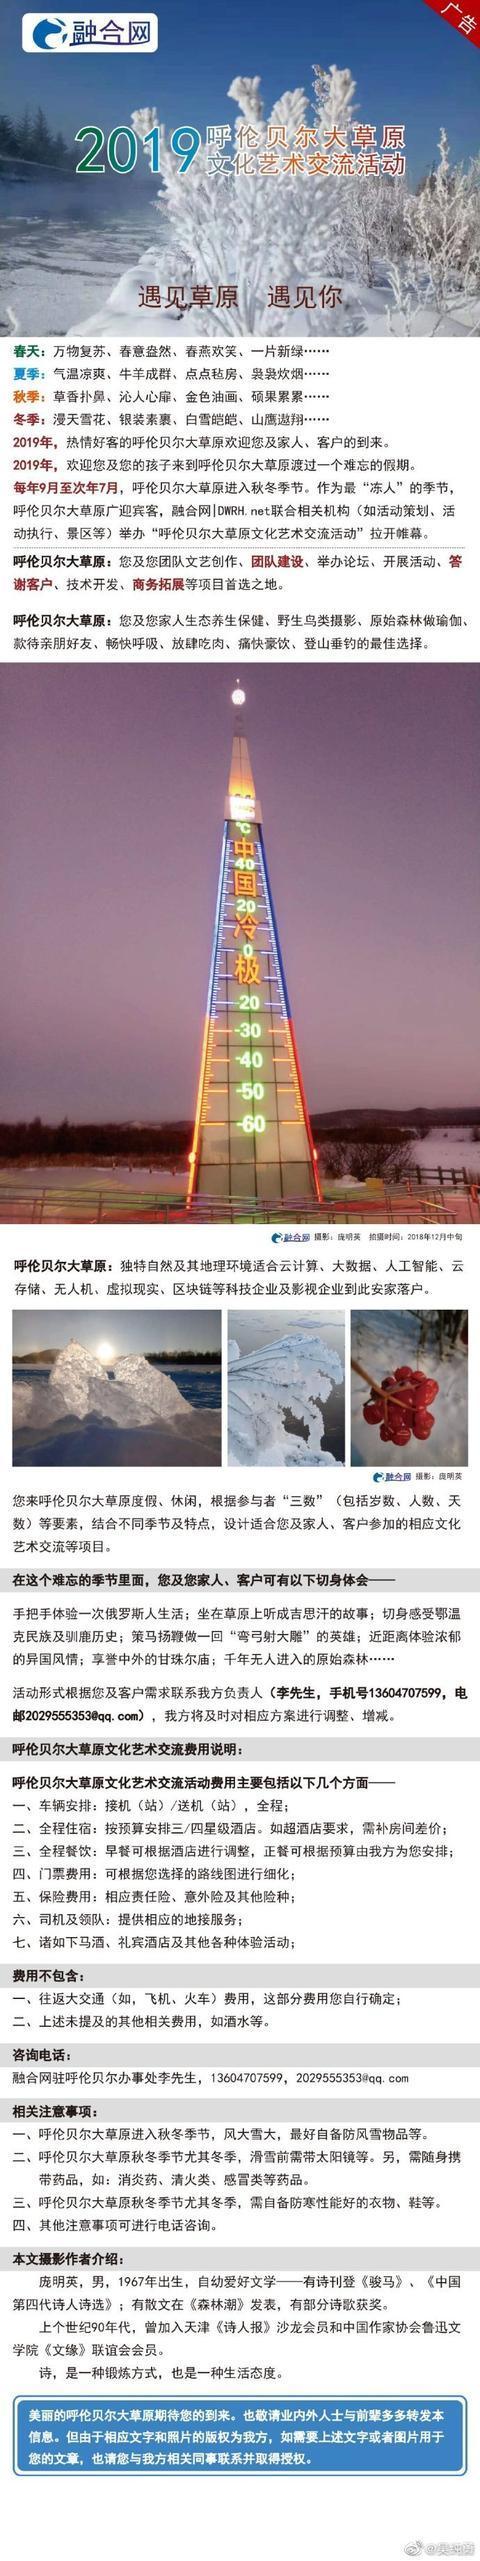 杭州市文化广电旅游局交出挂牌半